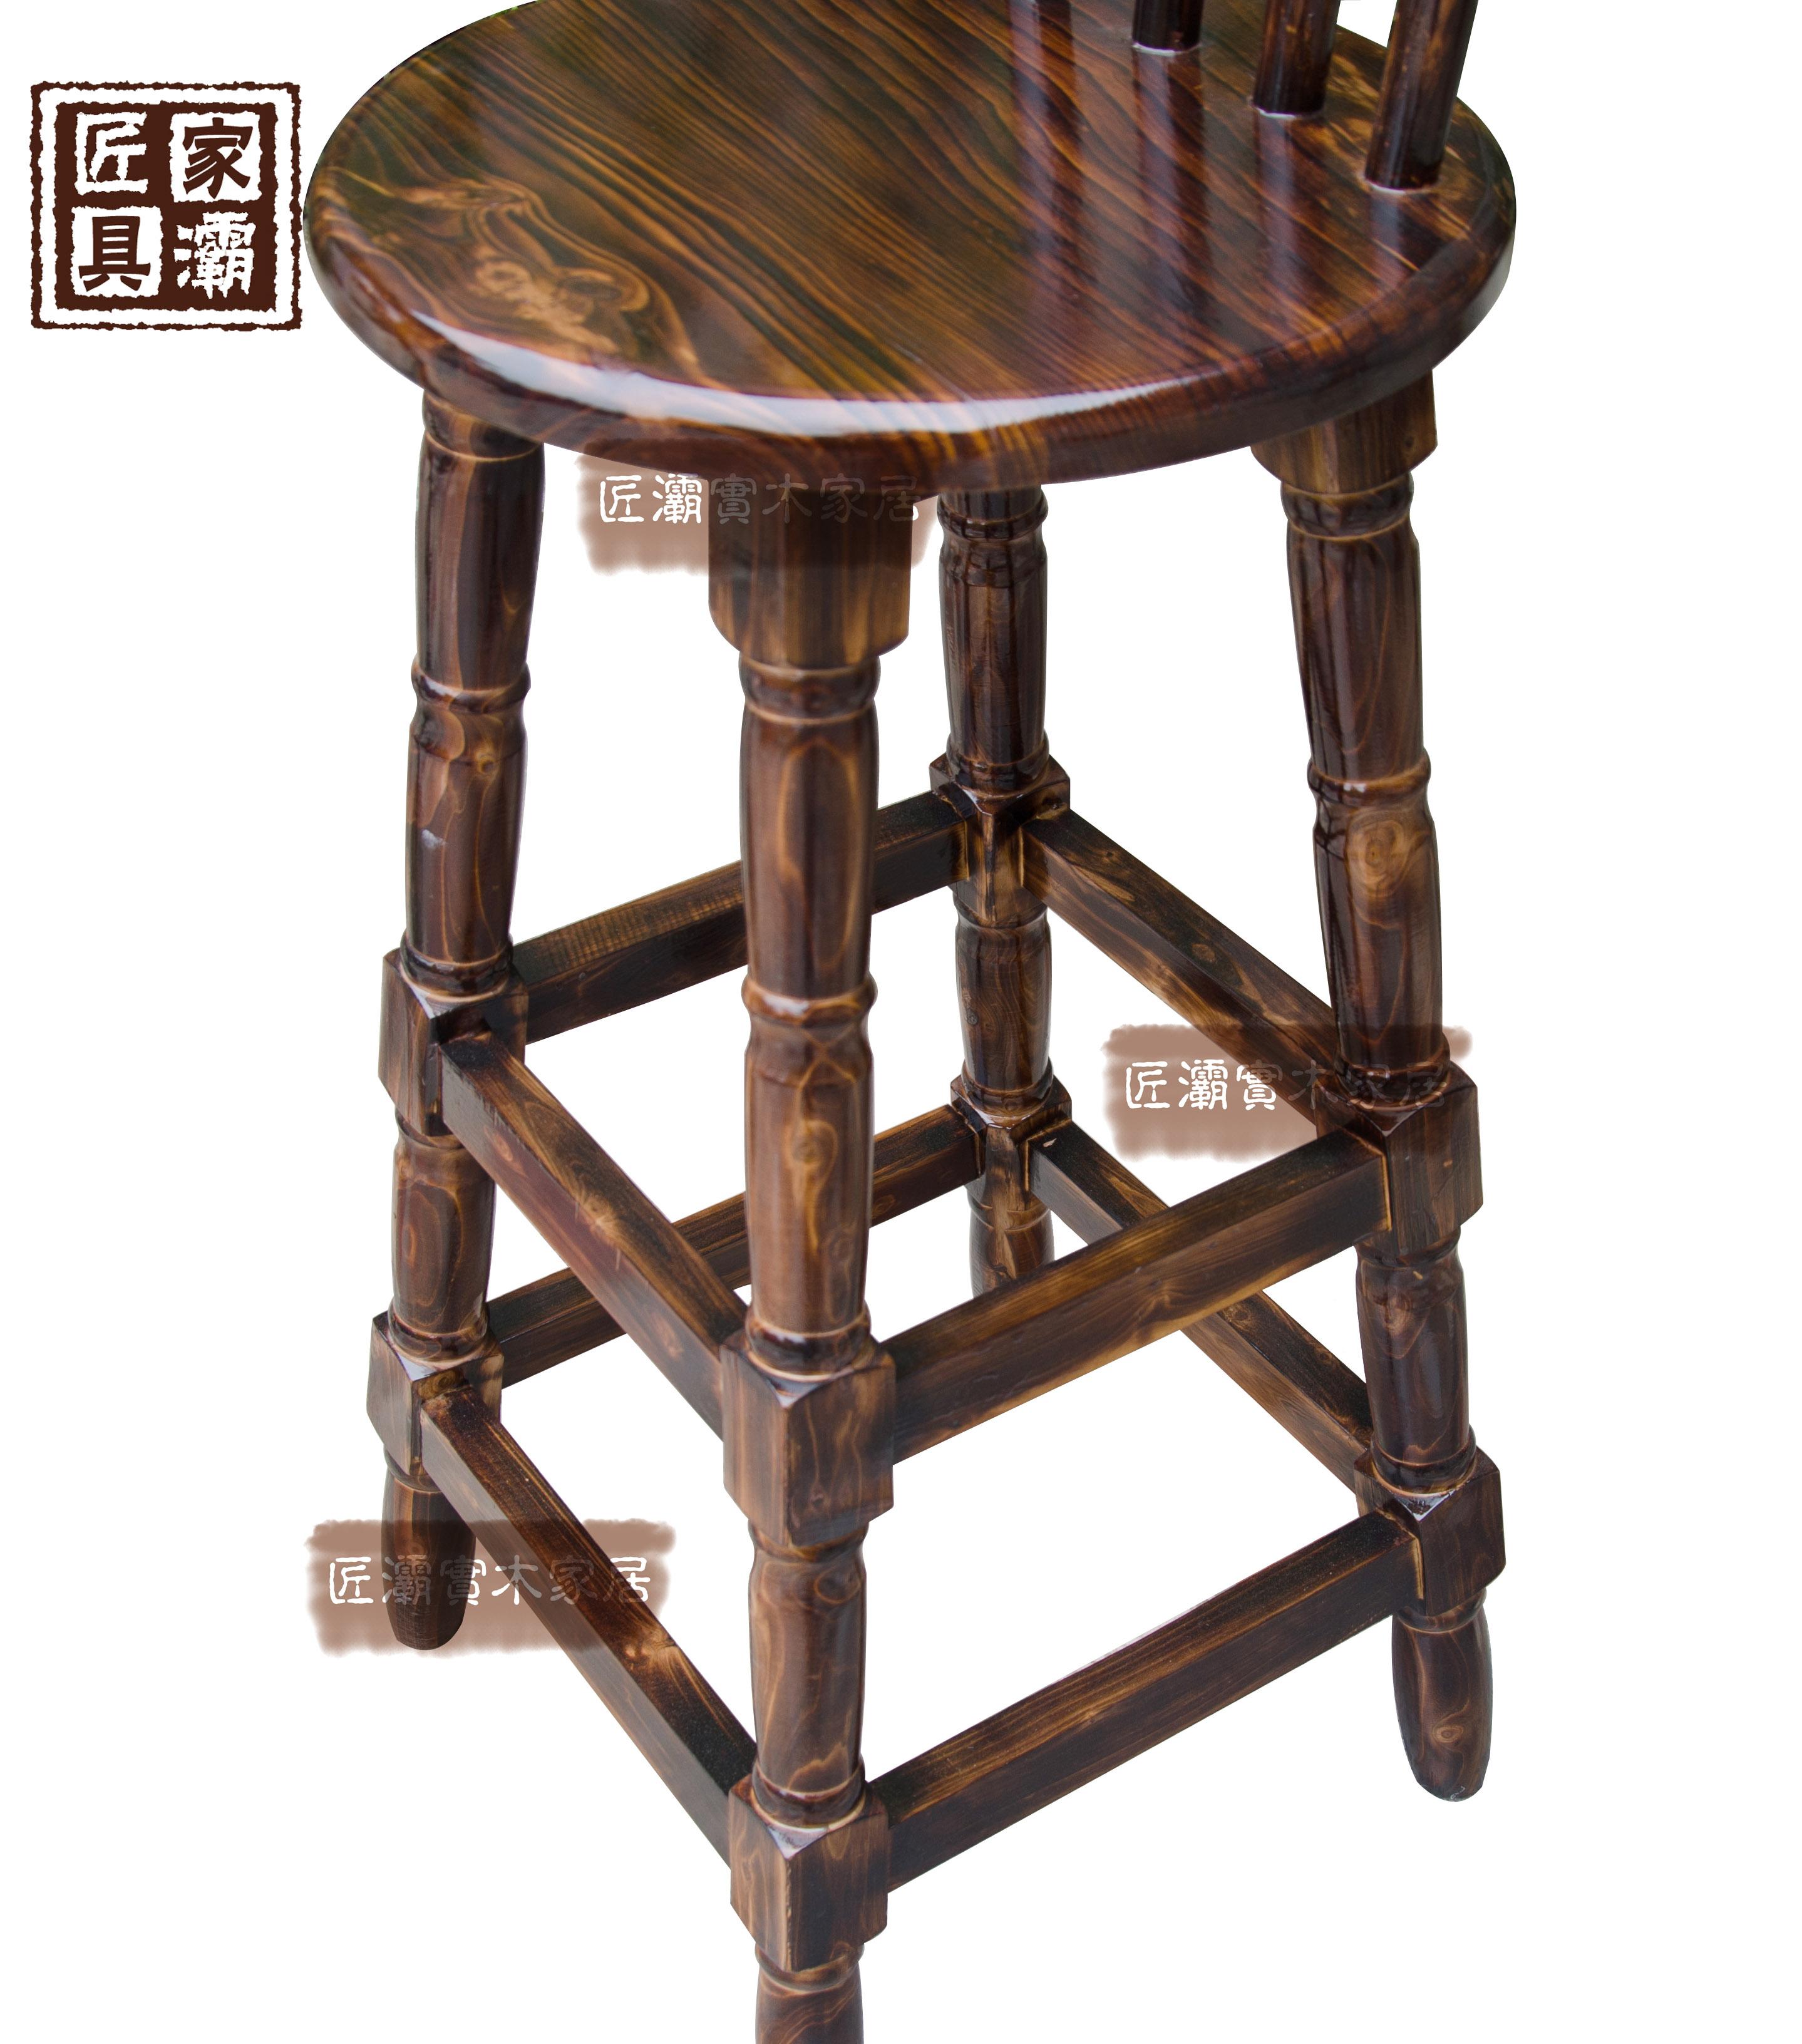 360度旋转吧台椅 实木 酒吧桌椅 实木 吧椅 吧台凳 时尚 简约